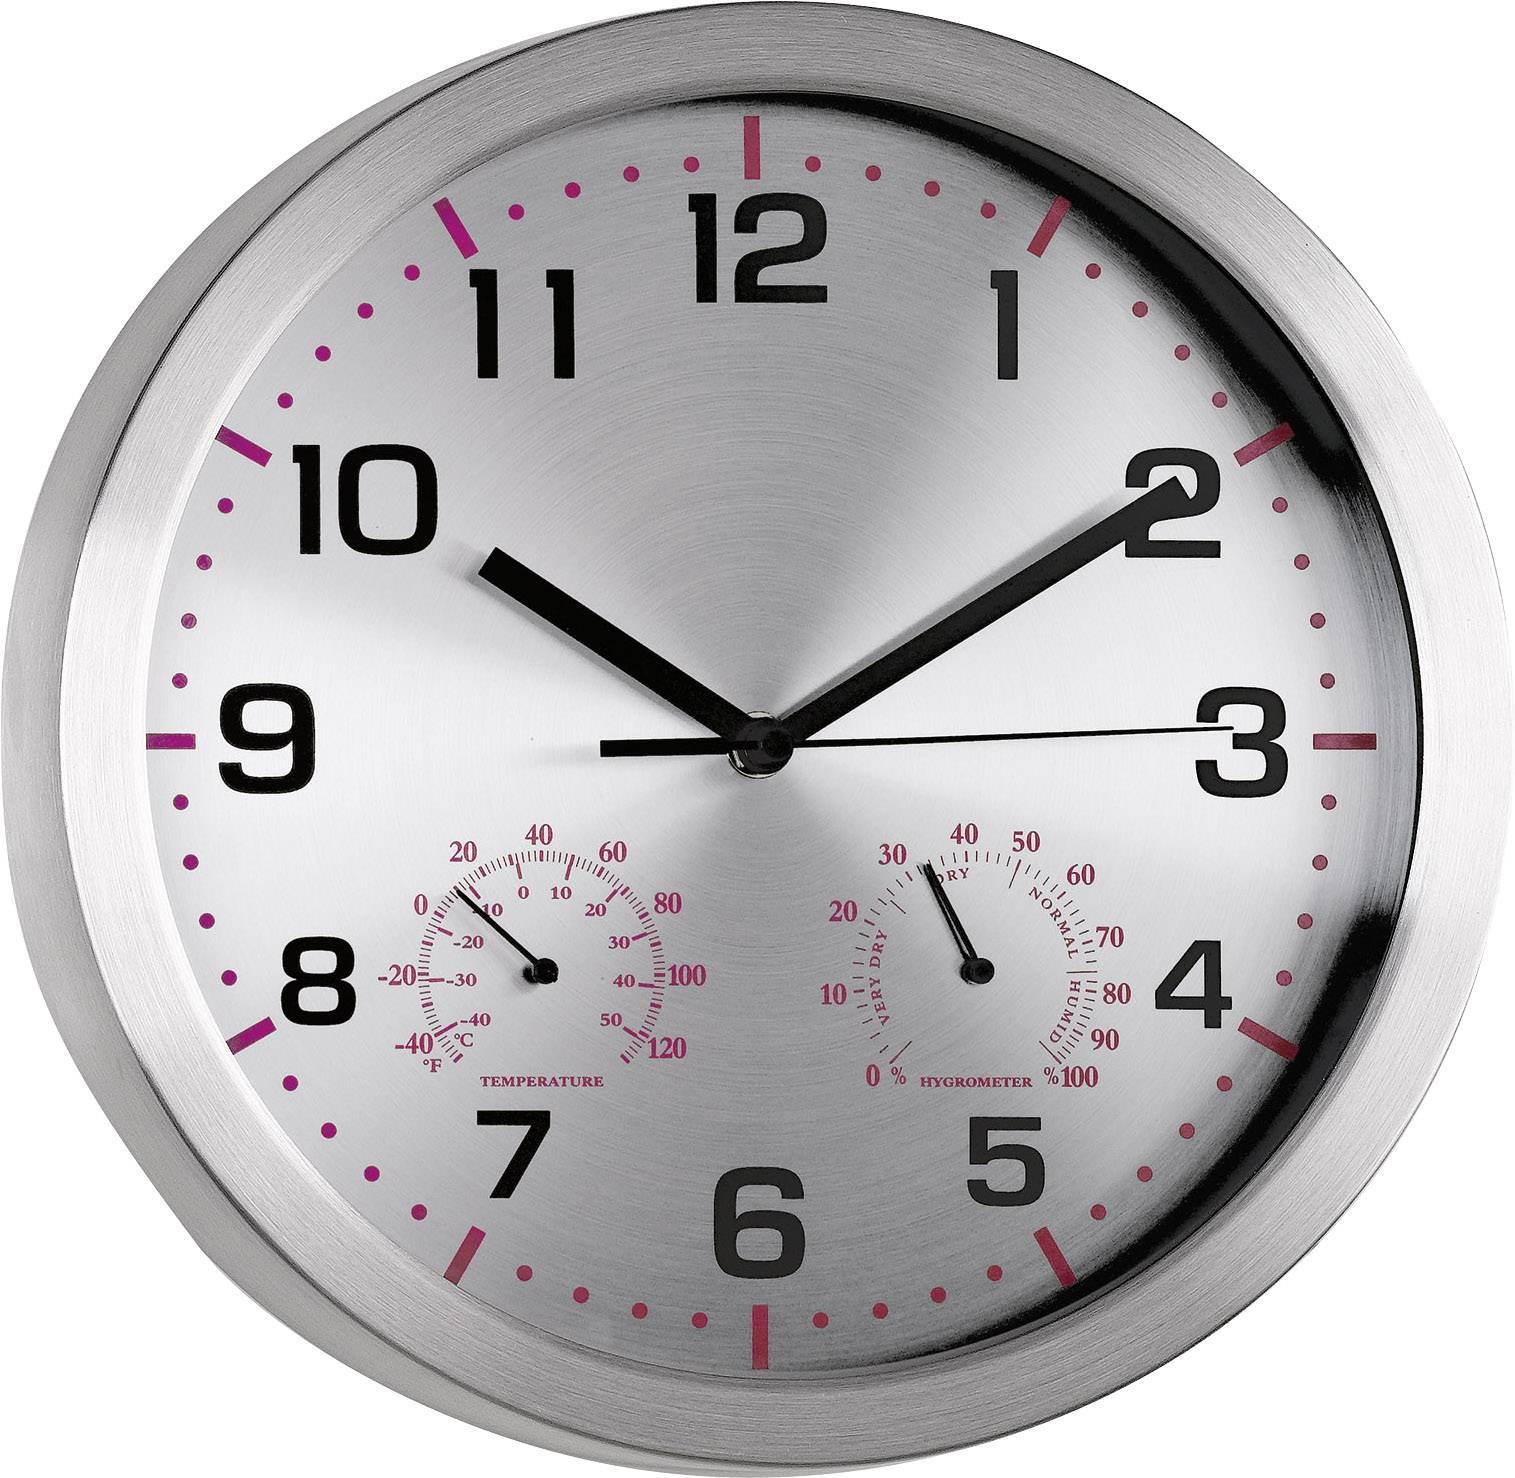 Quartz nástenné hodiny Mebus 41934, vonkajší Ø 30 cm, hliník